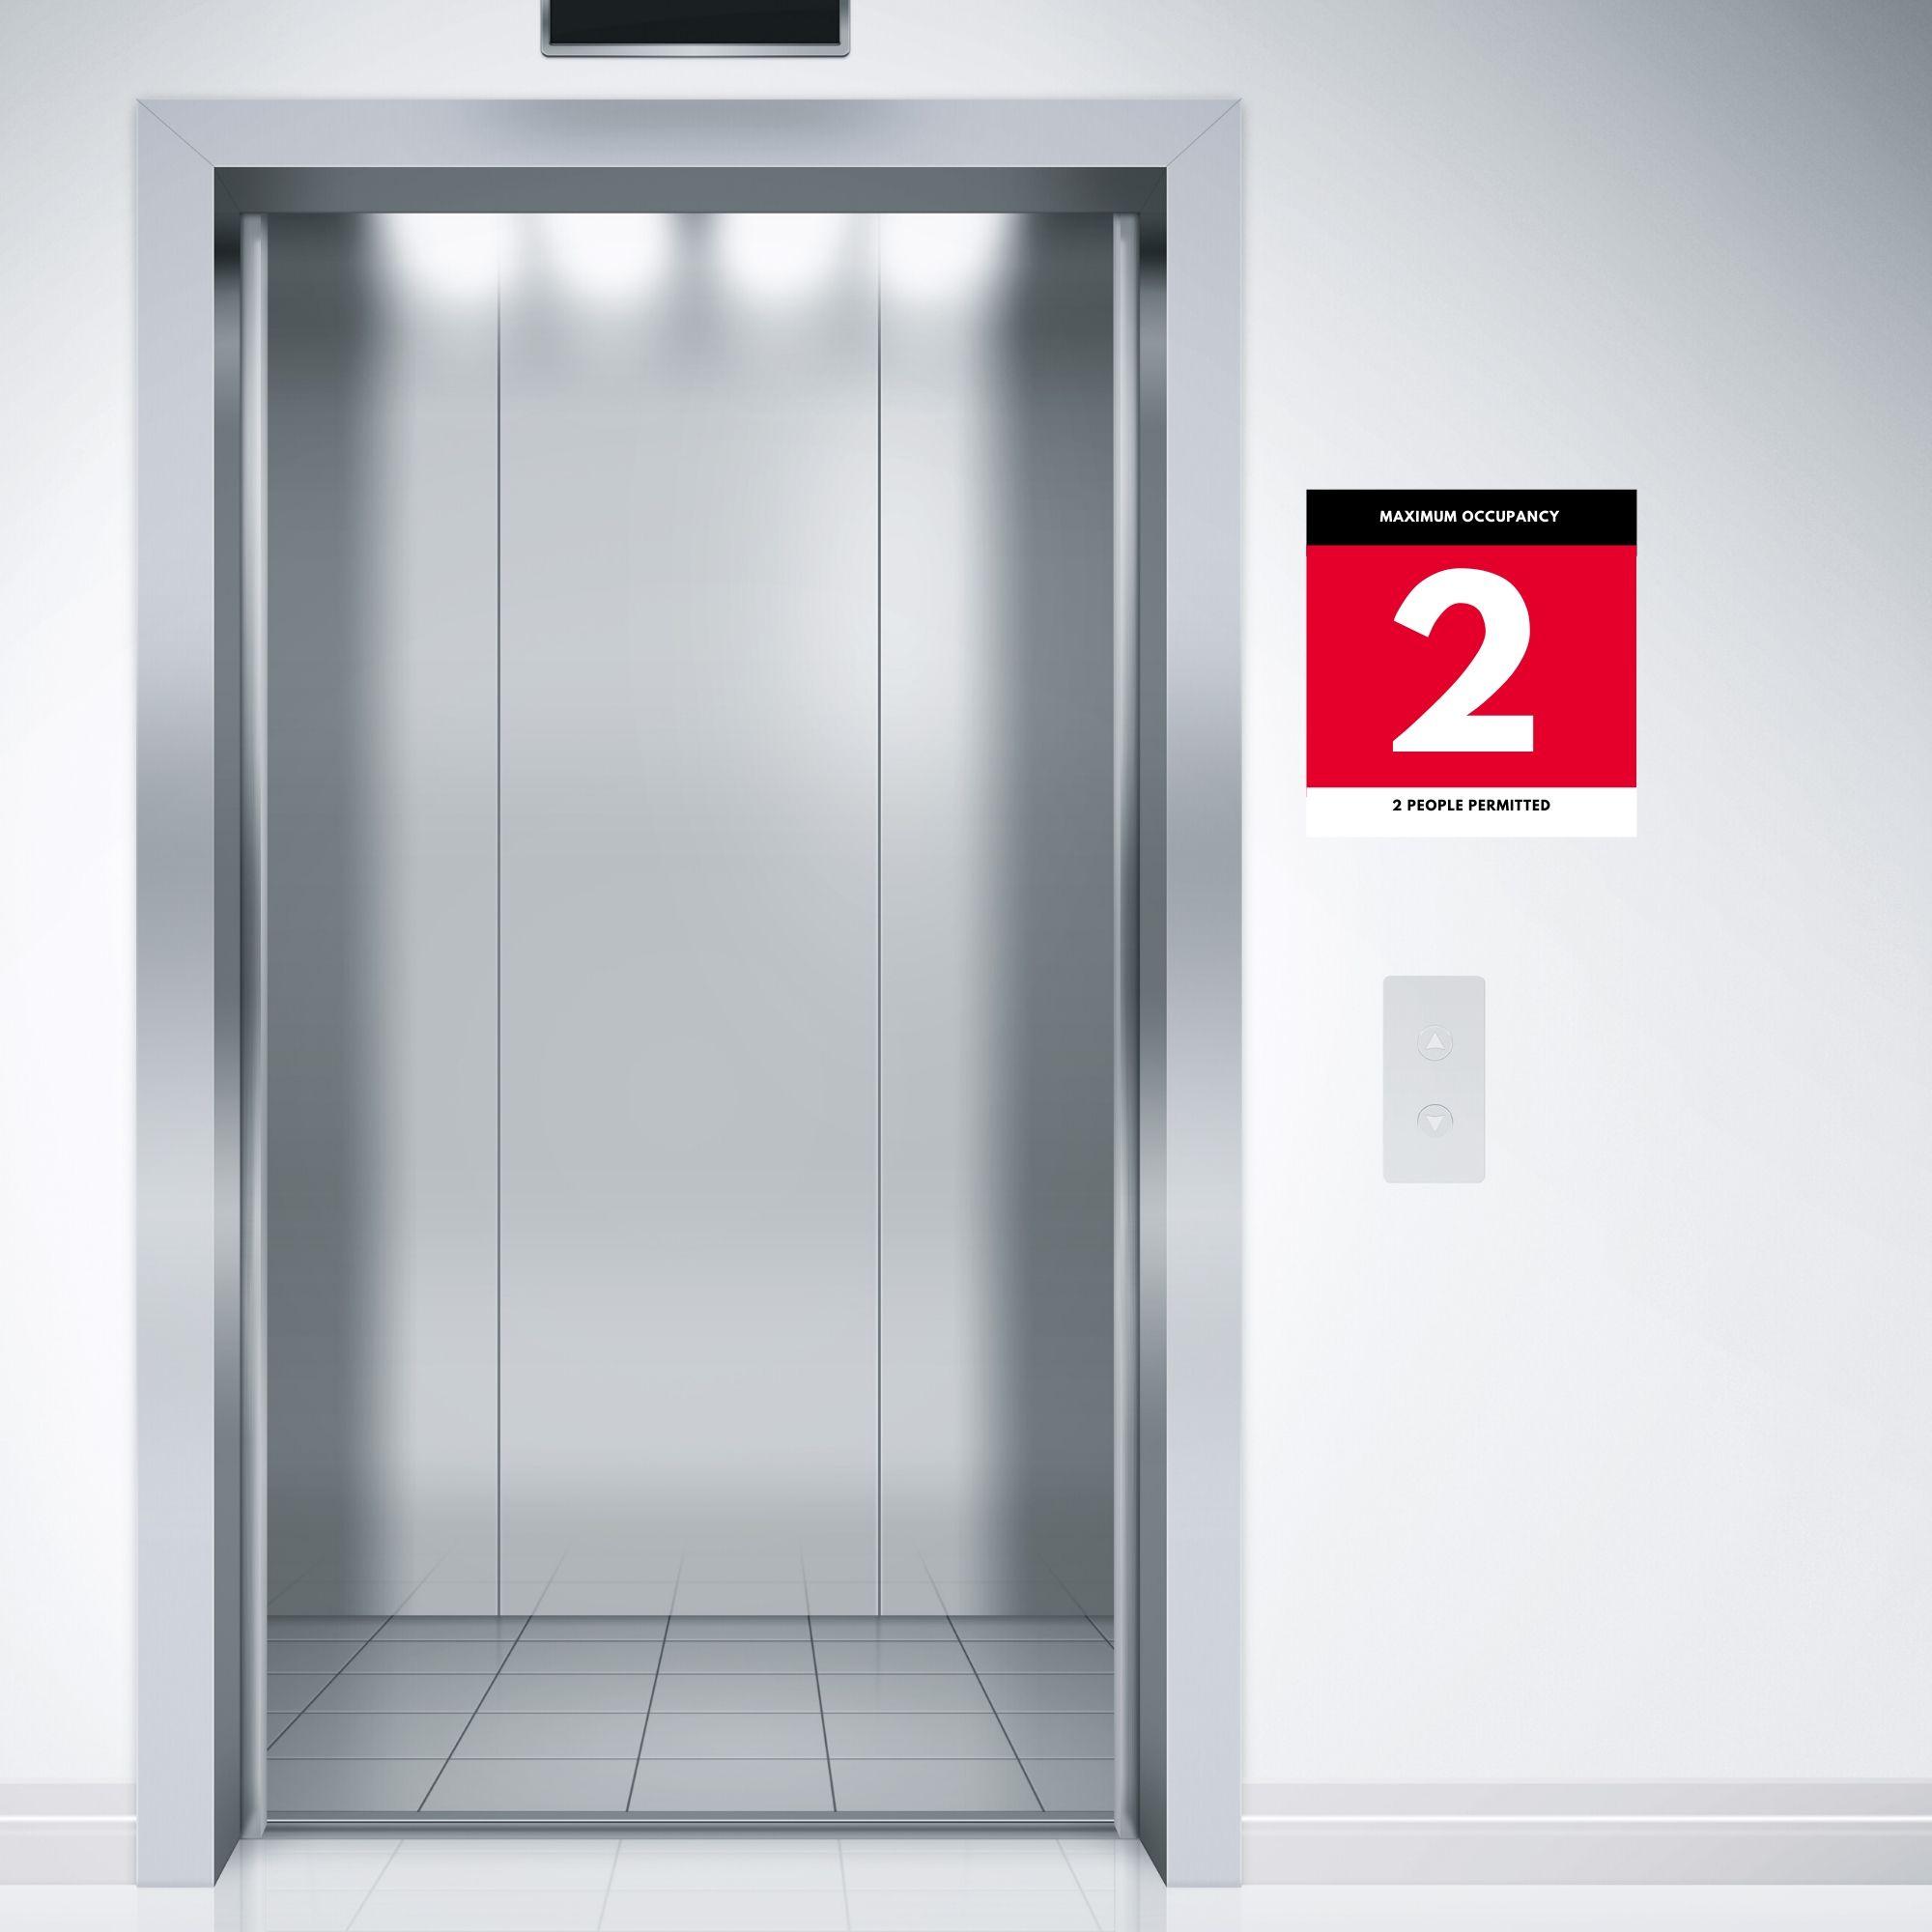 Maximum Occupancy Room Sign 2